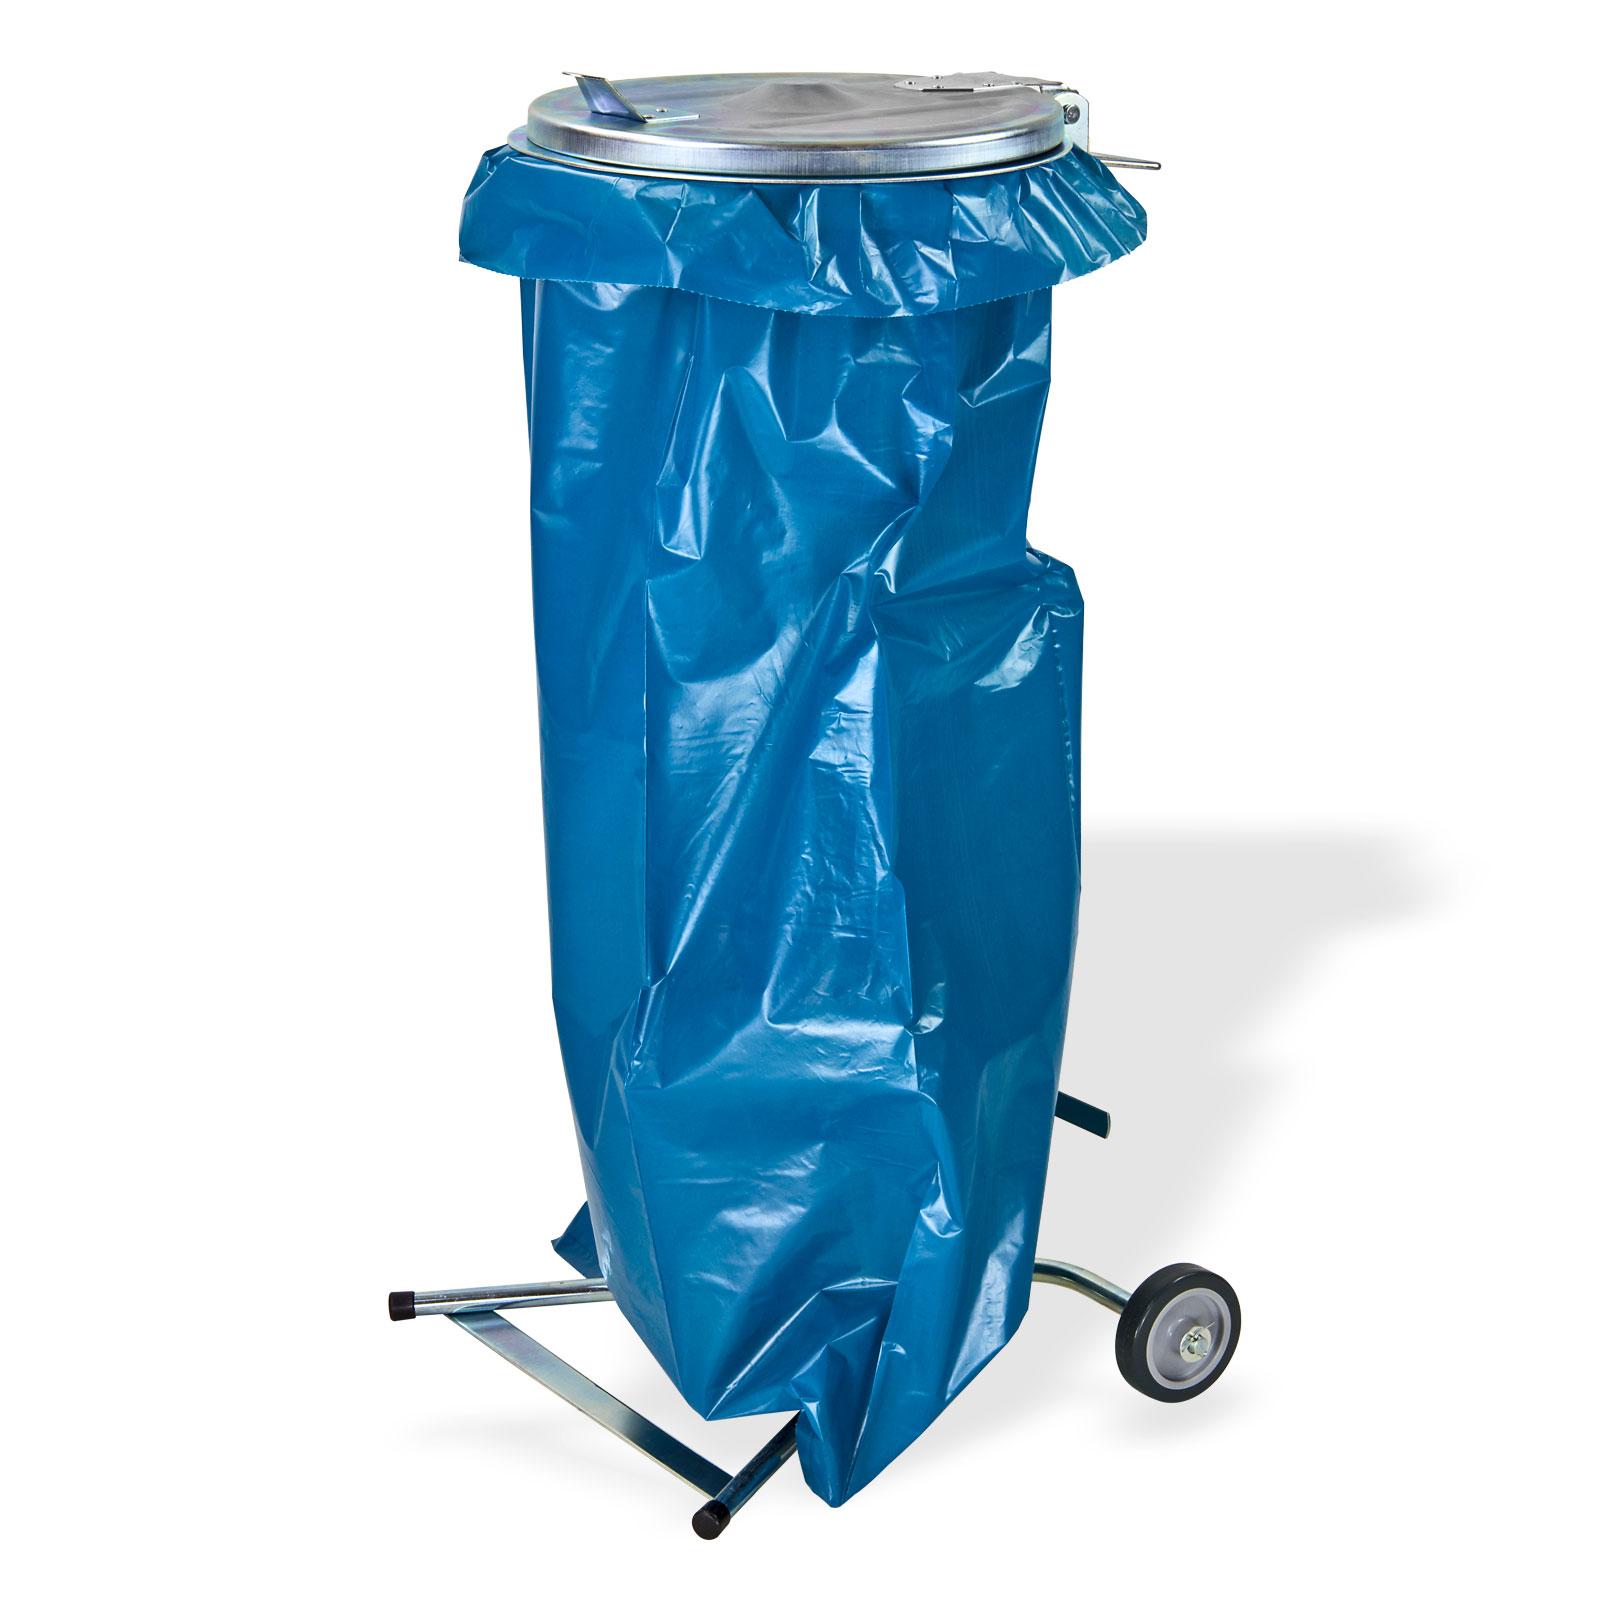 Dema Metall Müllsackständer / Abfallsammler / Müllsackhalter 120 Liter 15079